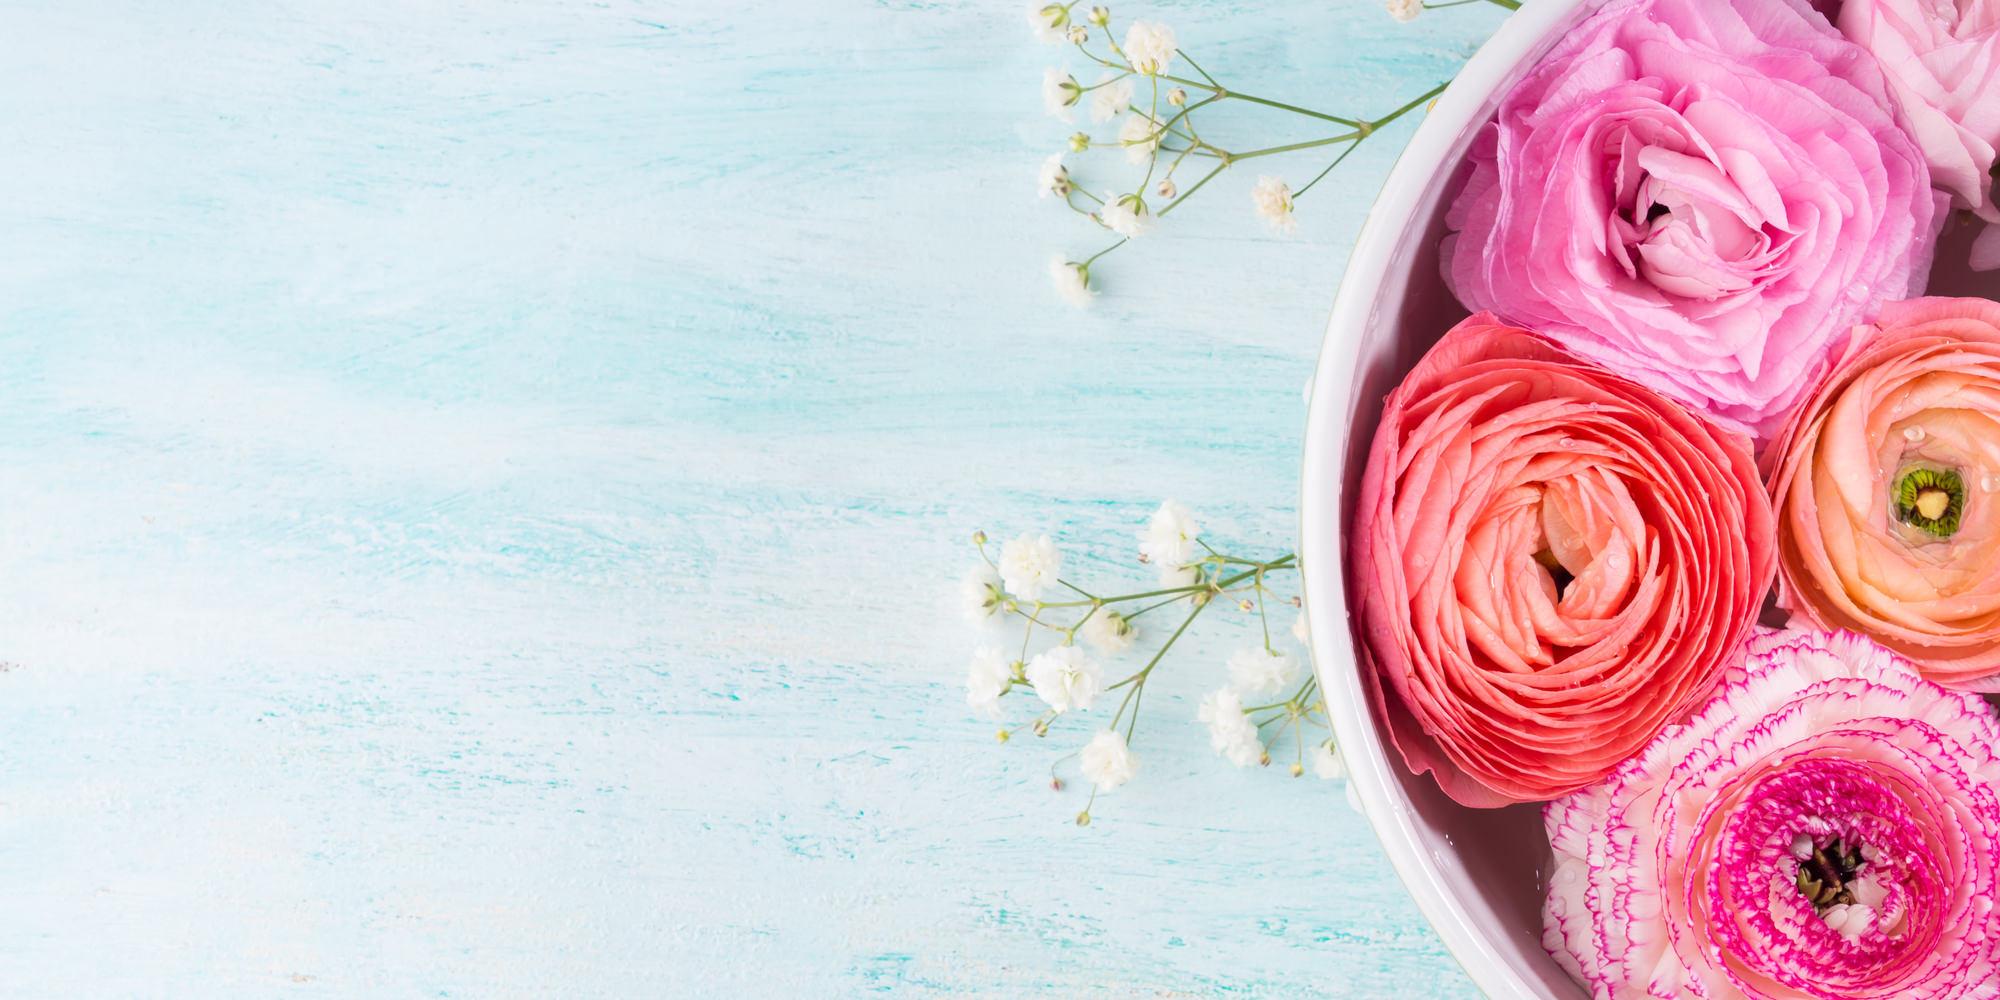 慎ましやかなカスミソウや、まんまるラナンキュラスも4月の誕生花